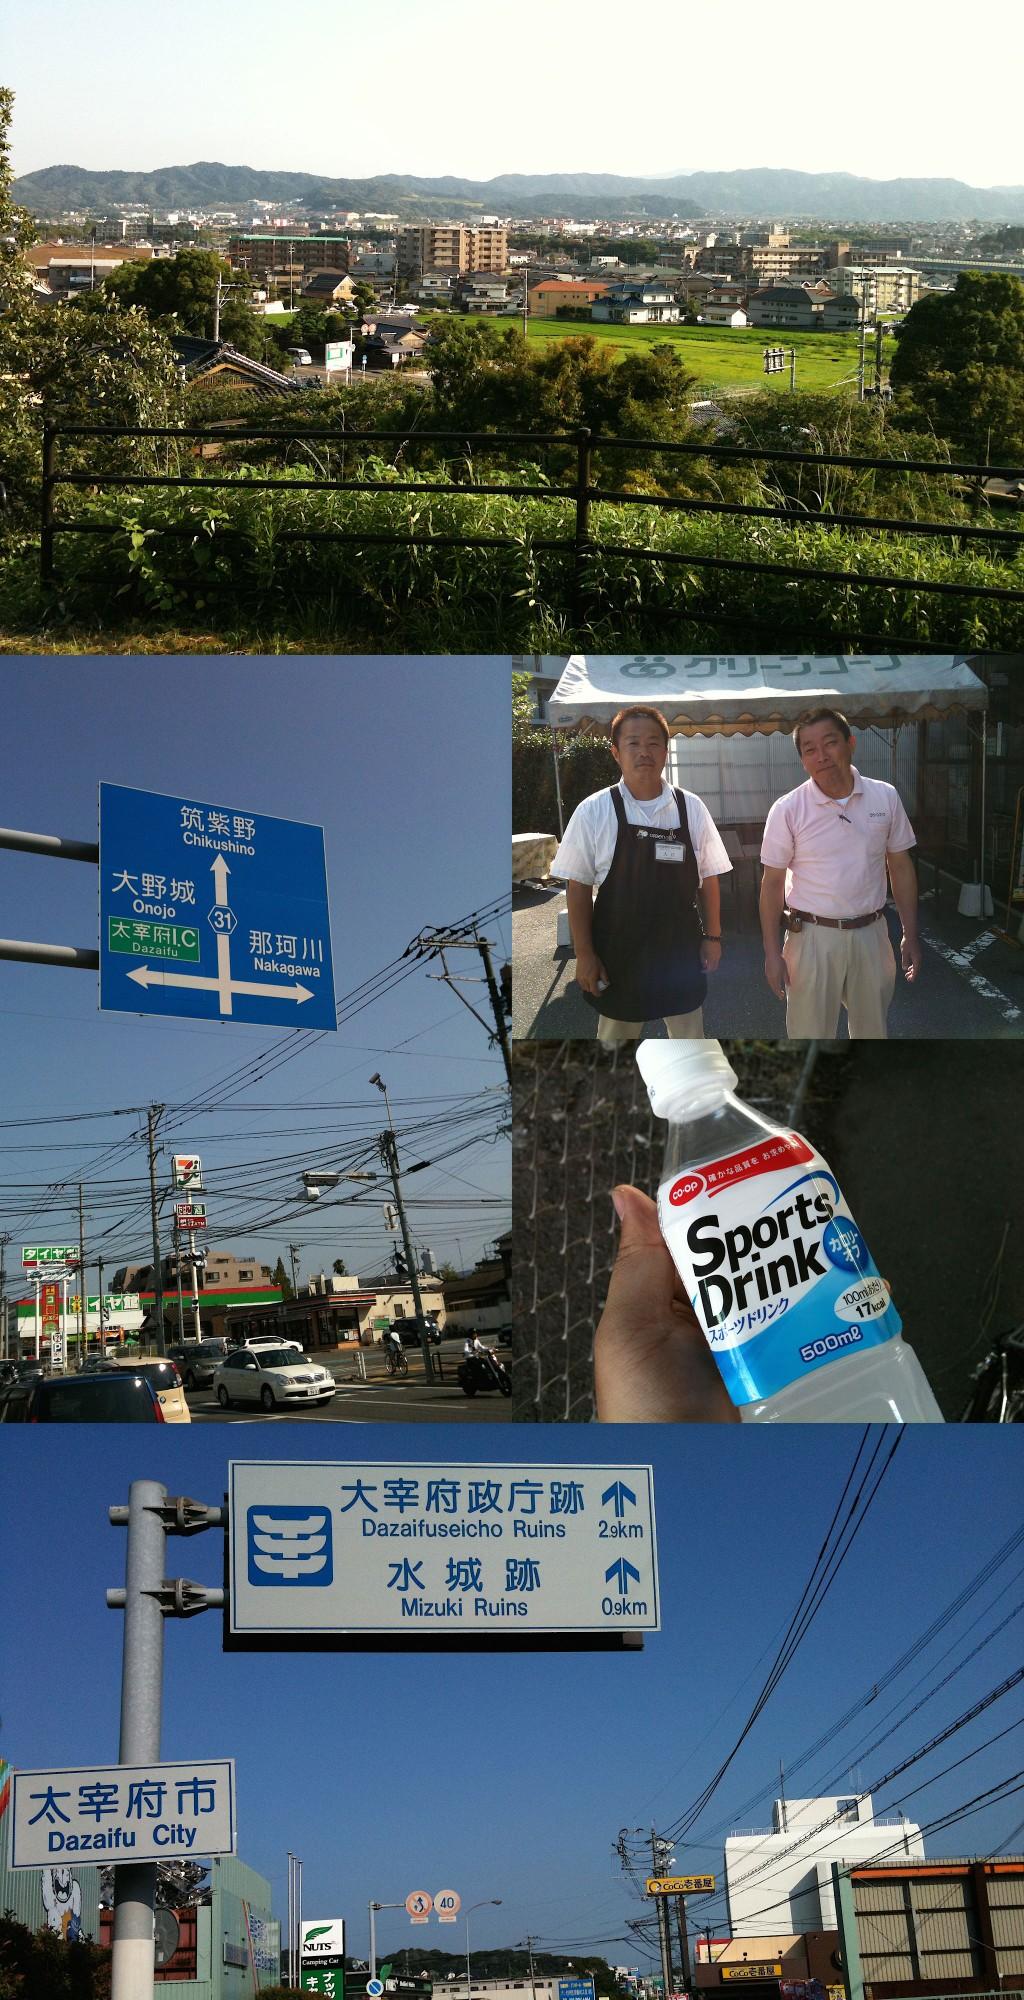 후쿠오카에서 다자이후 가는 길